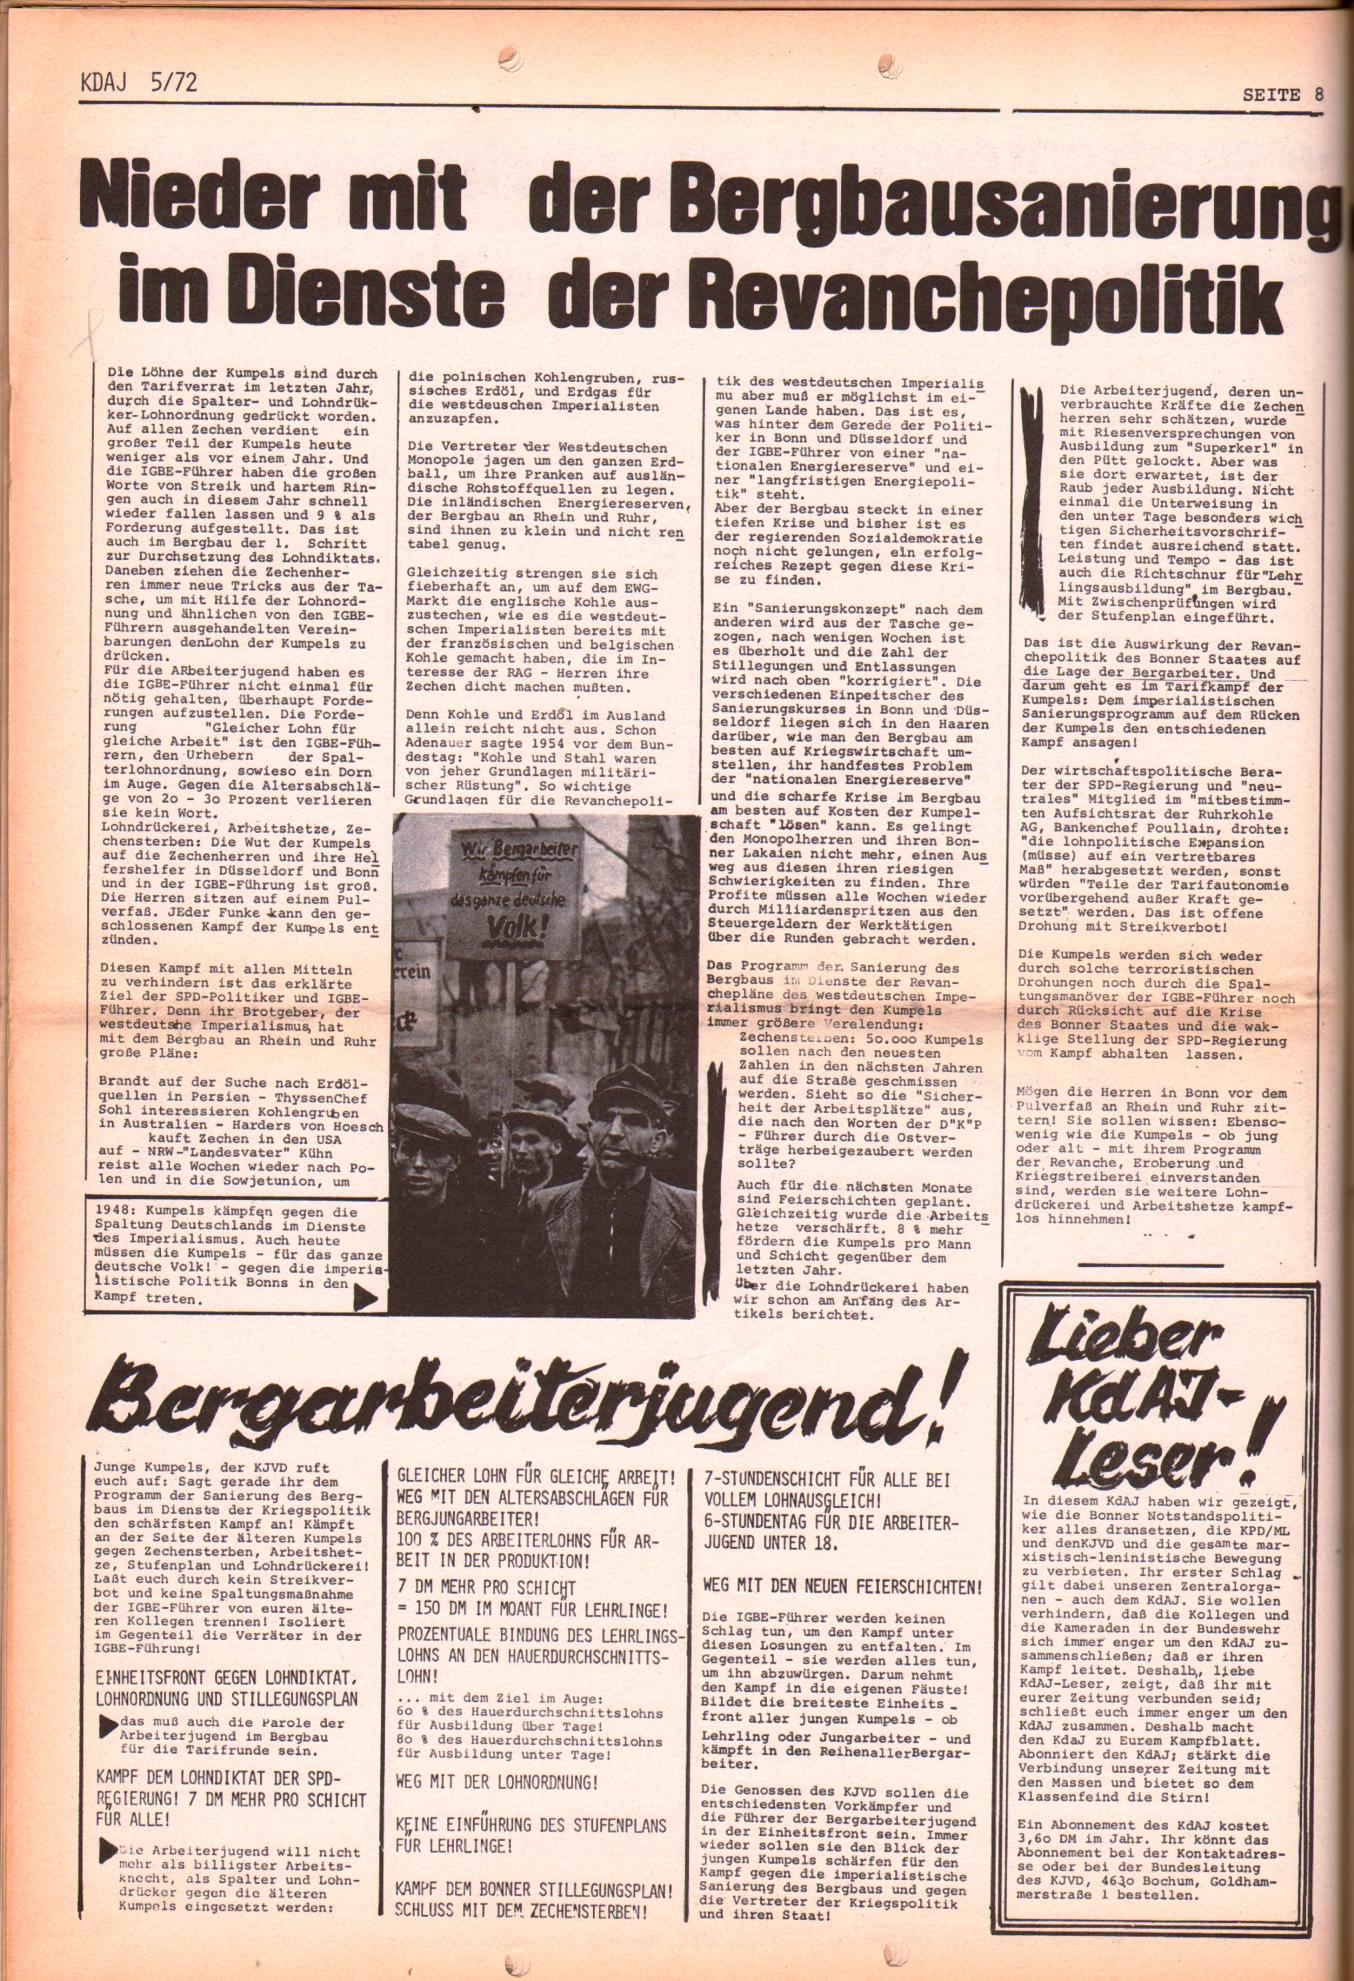 KDAJ, 3. Jg., Juni 1972, Nr. 5, Seite 8